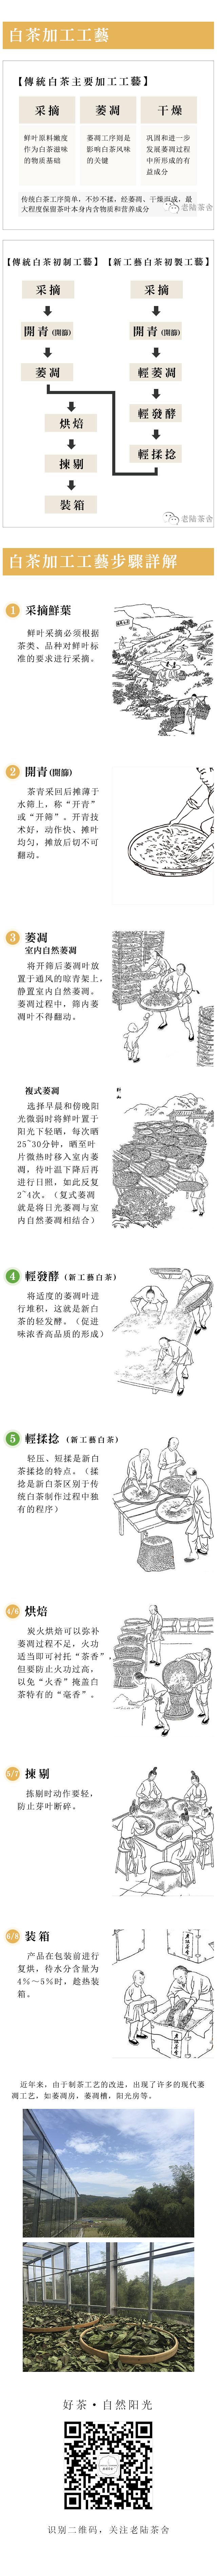 福鼎白茶制作工艺